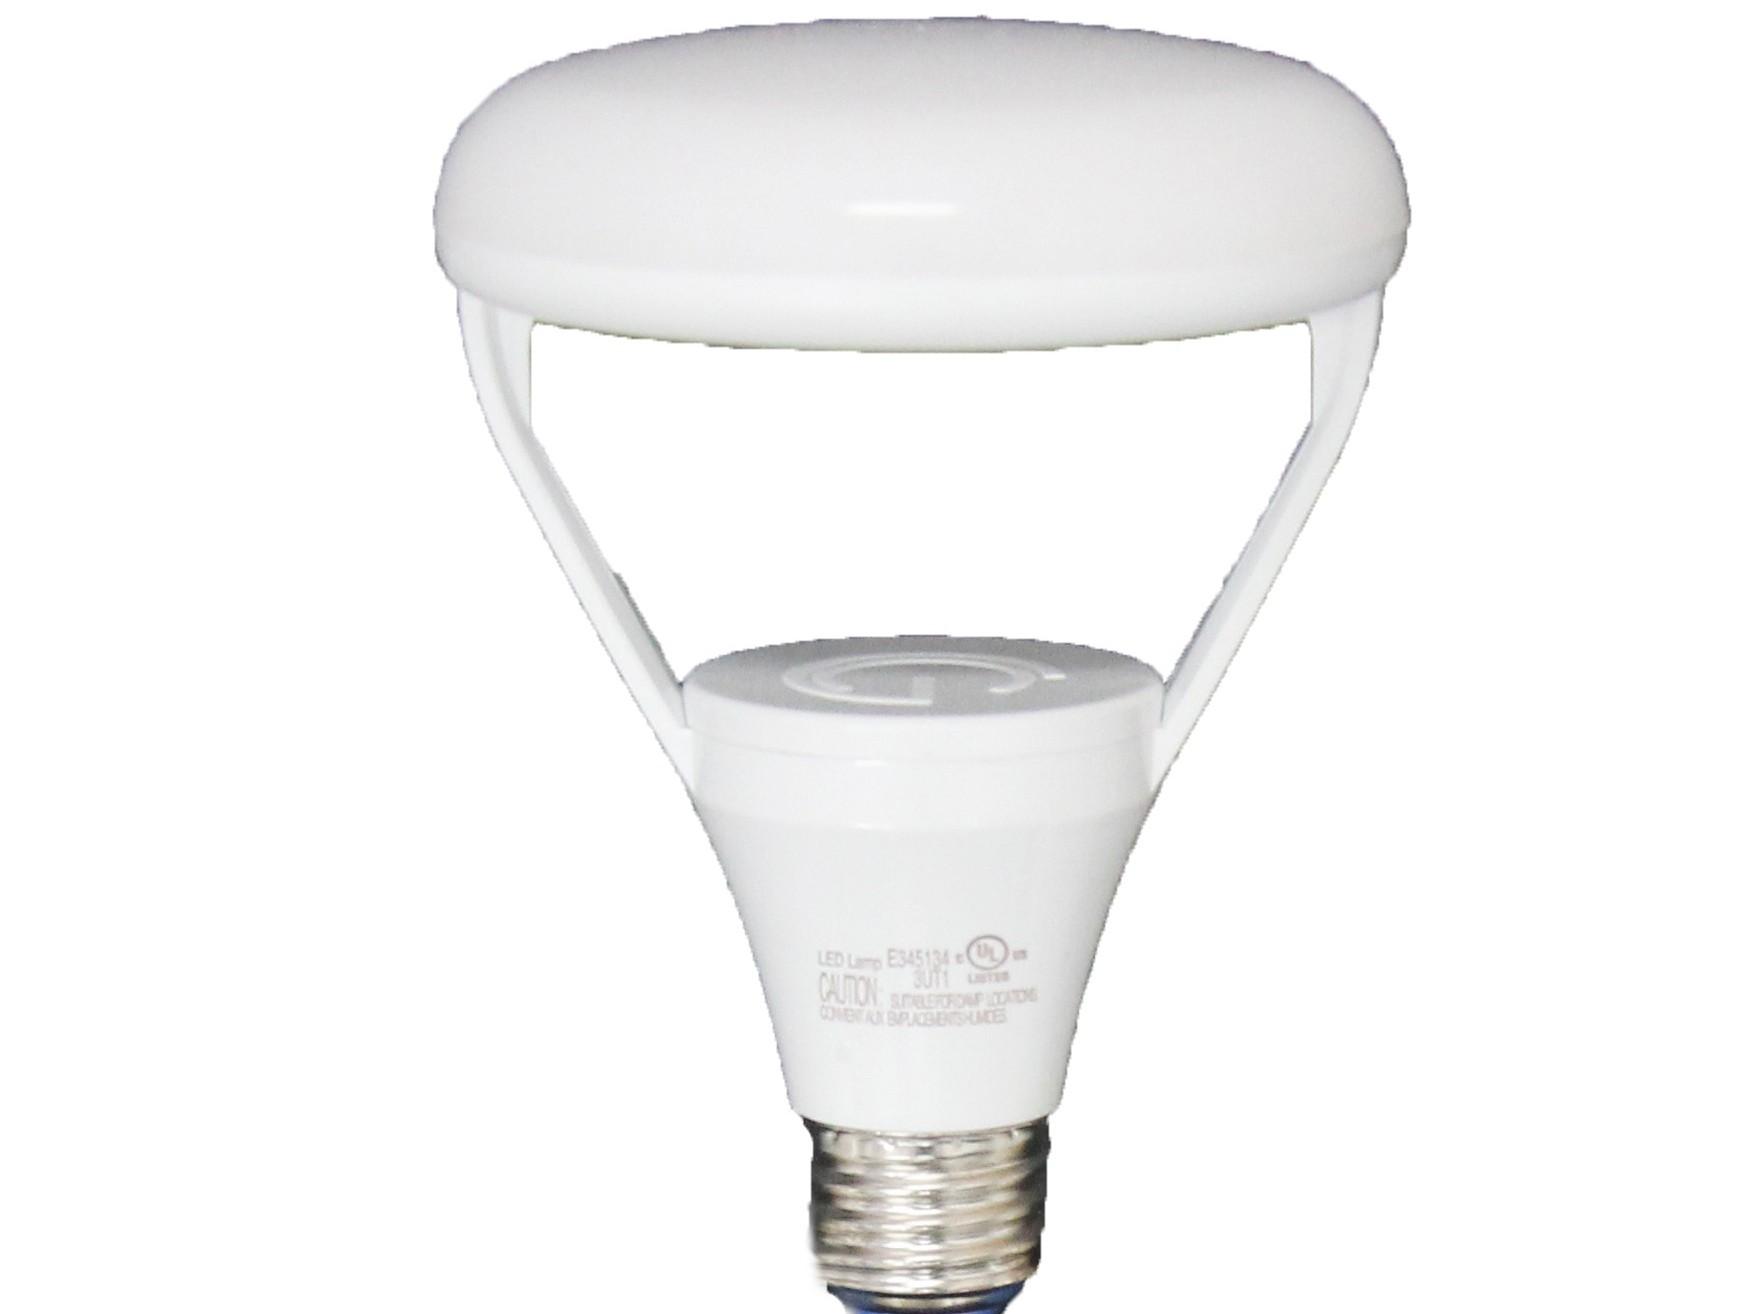 照明产品的EMC测试标准